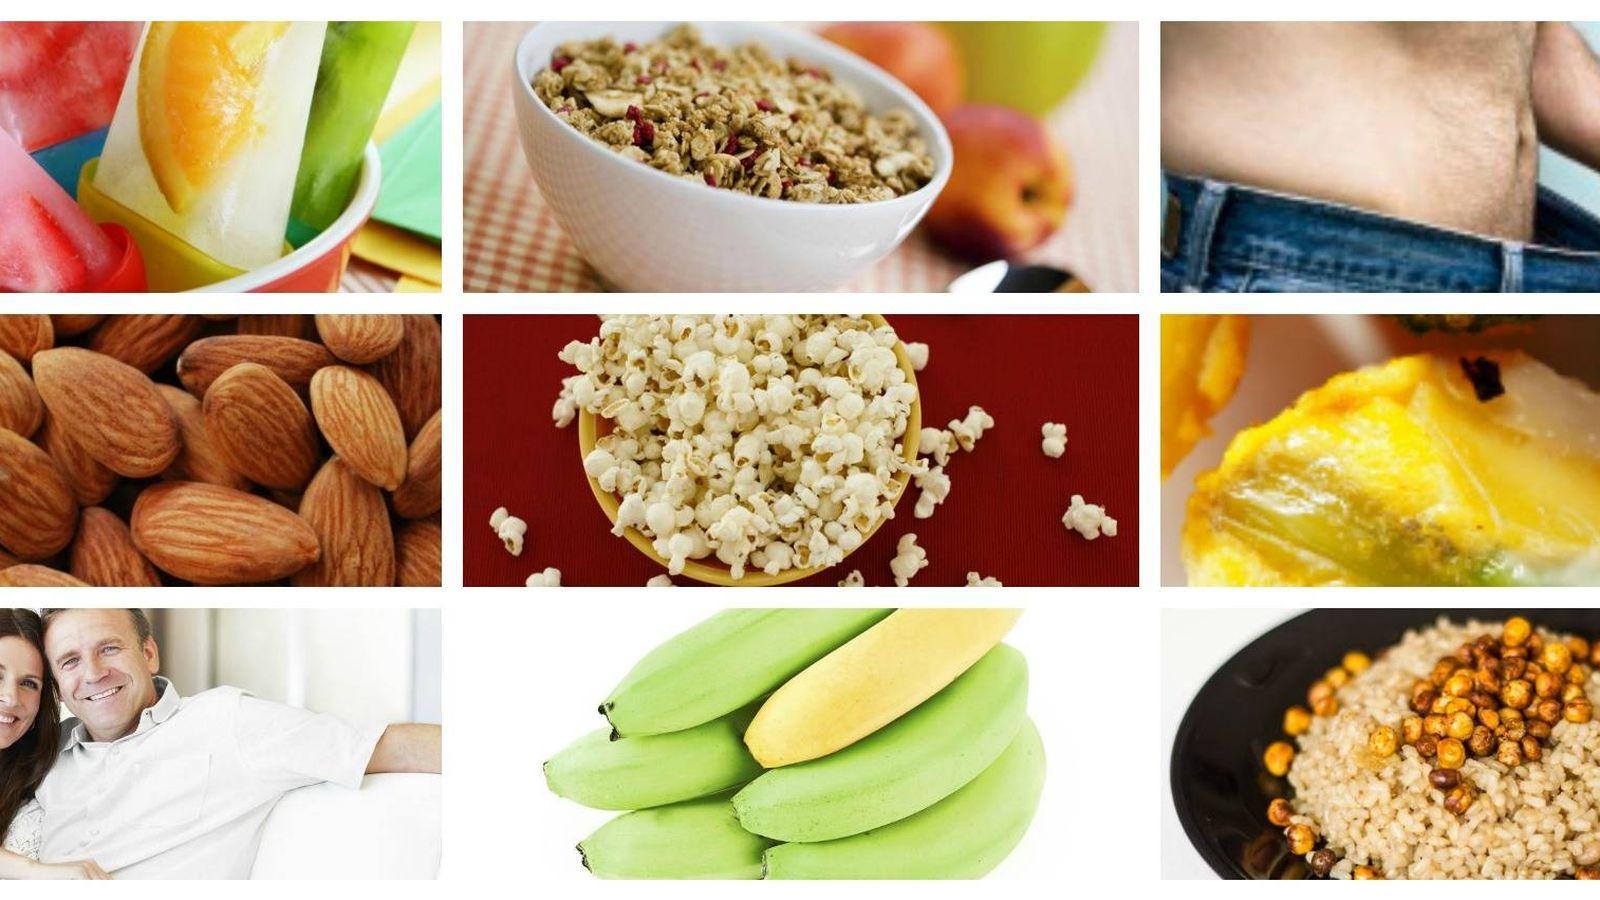 Dietas ocho alimentos ricos en carbohidratos que hacen que adelgaces como las palomitas - Que alimentos contienen carbohidratos ...